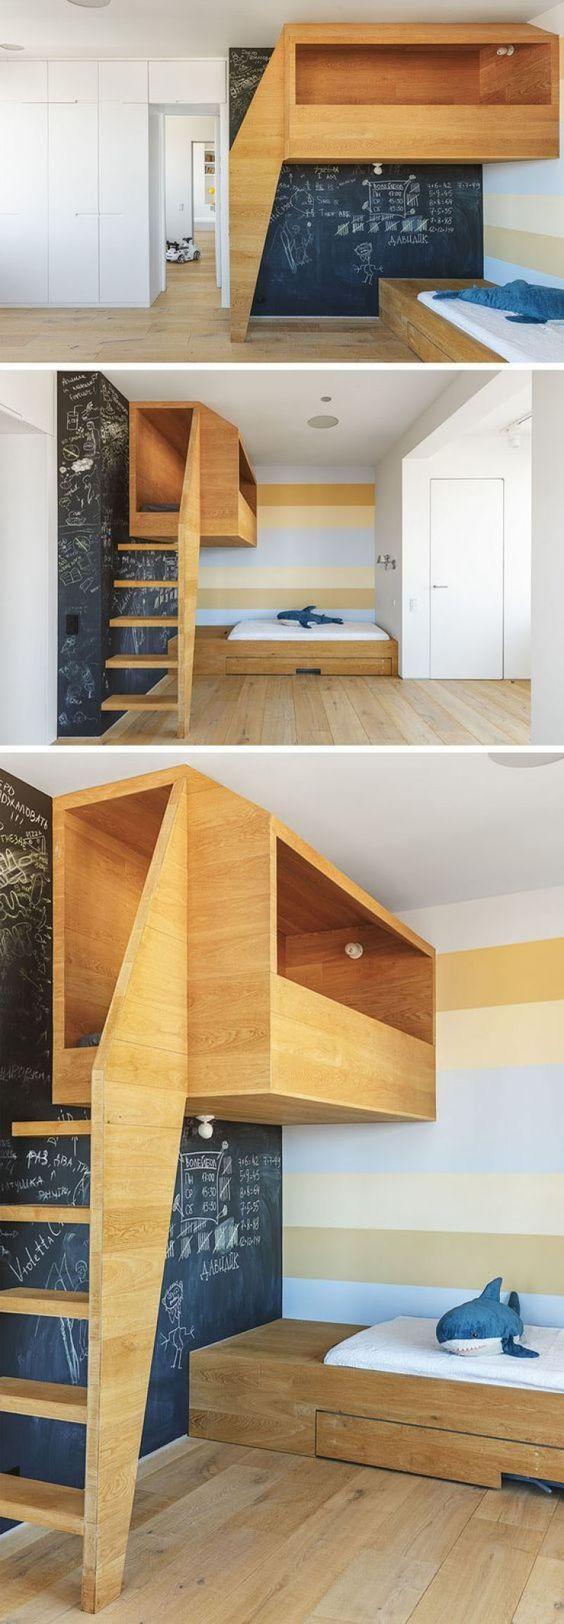 mommo design: loft beds | kids room | pinterest | super, design